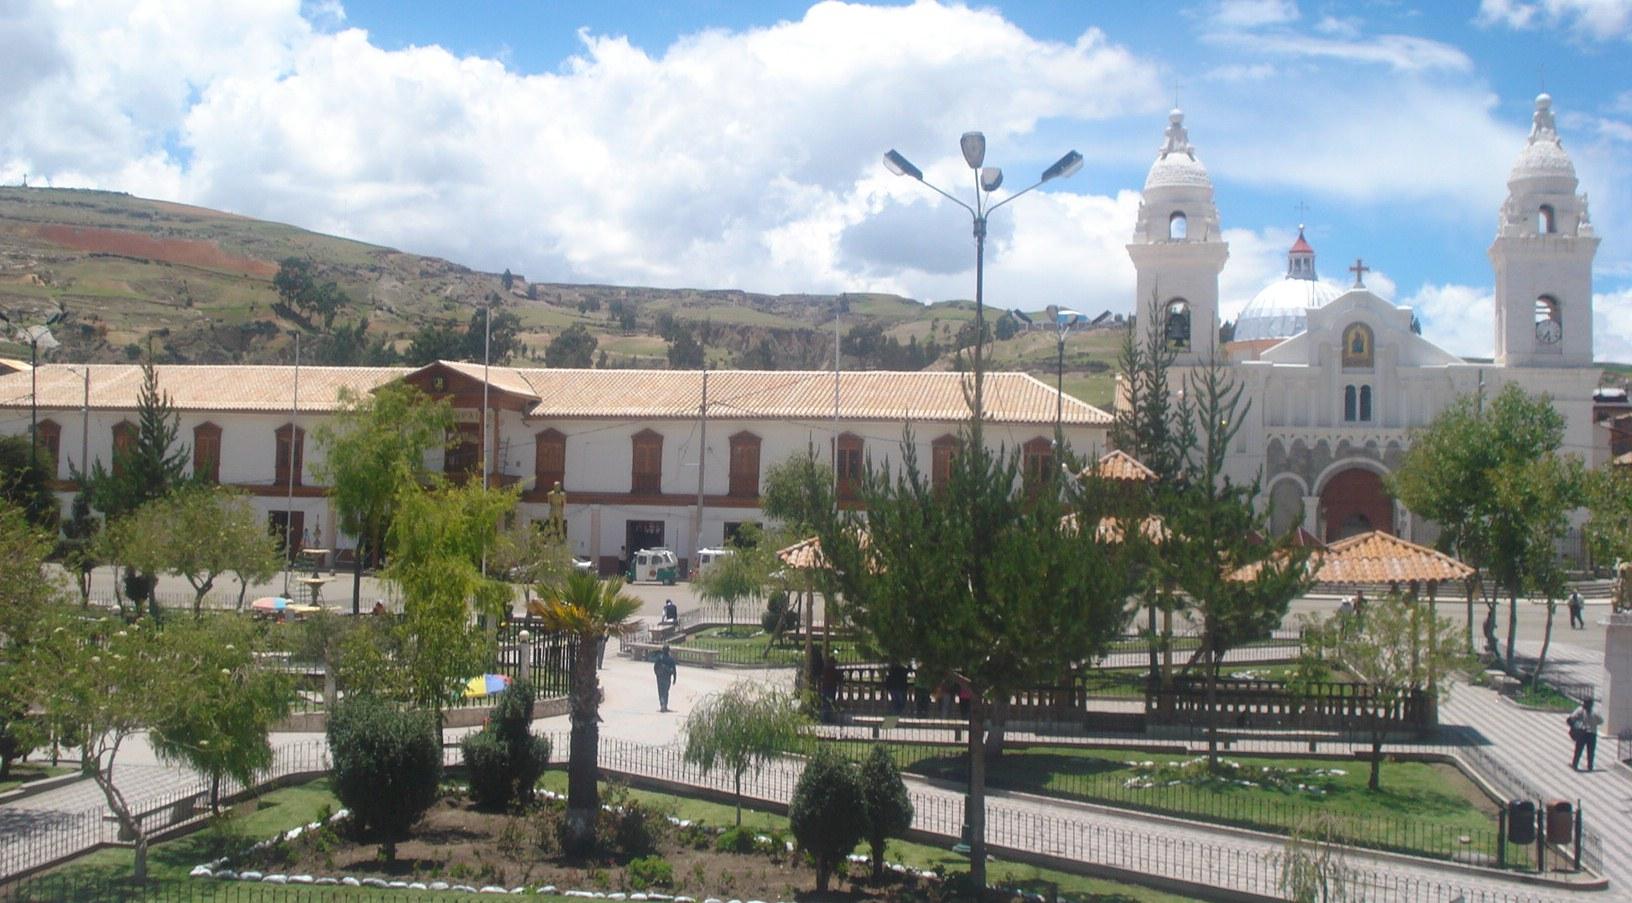 Plaza de Jauja